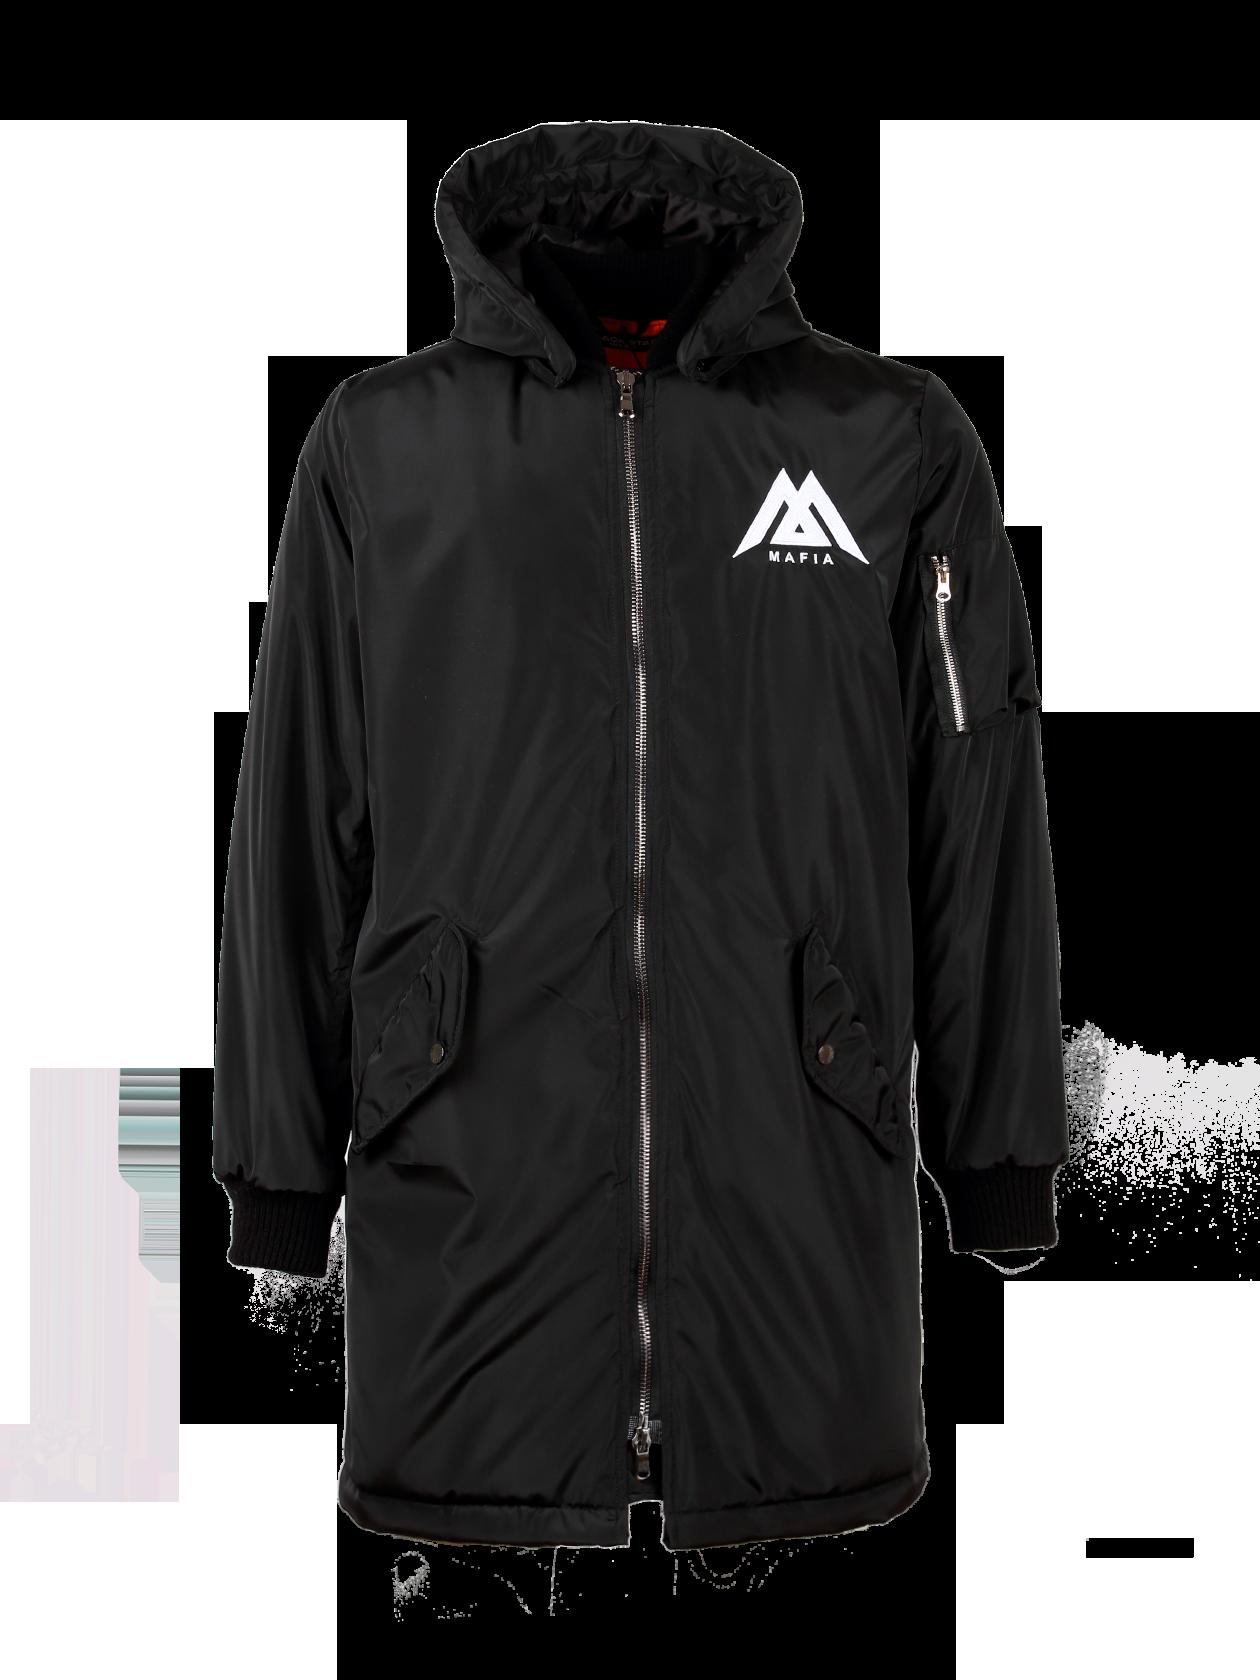 Купить Зимняя куртка-бомбер мужская Black Star Mafia от Black Star Wear черного цвета